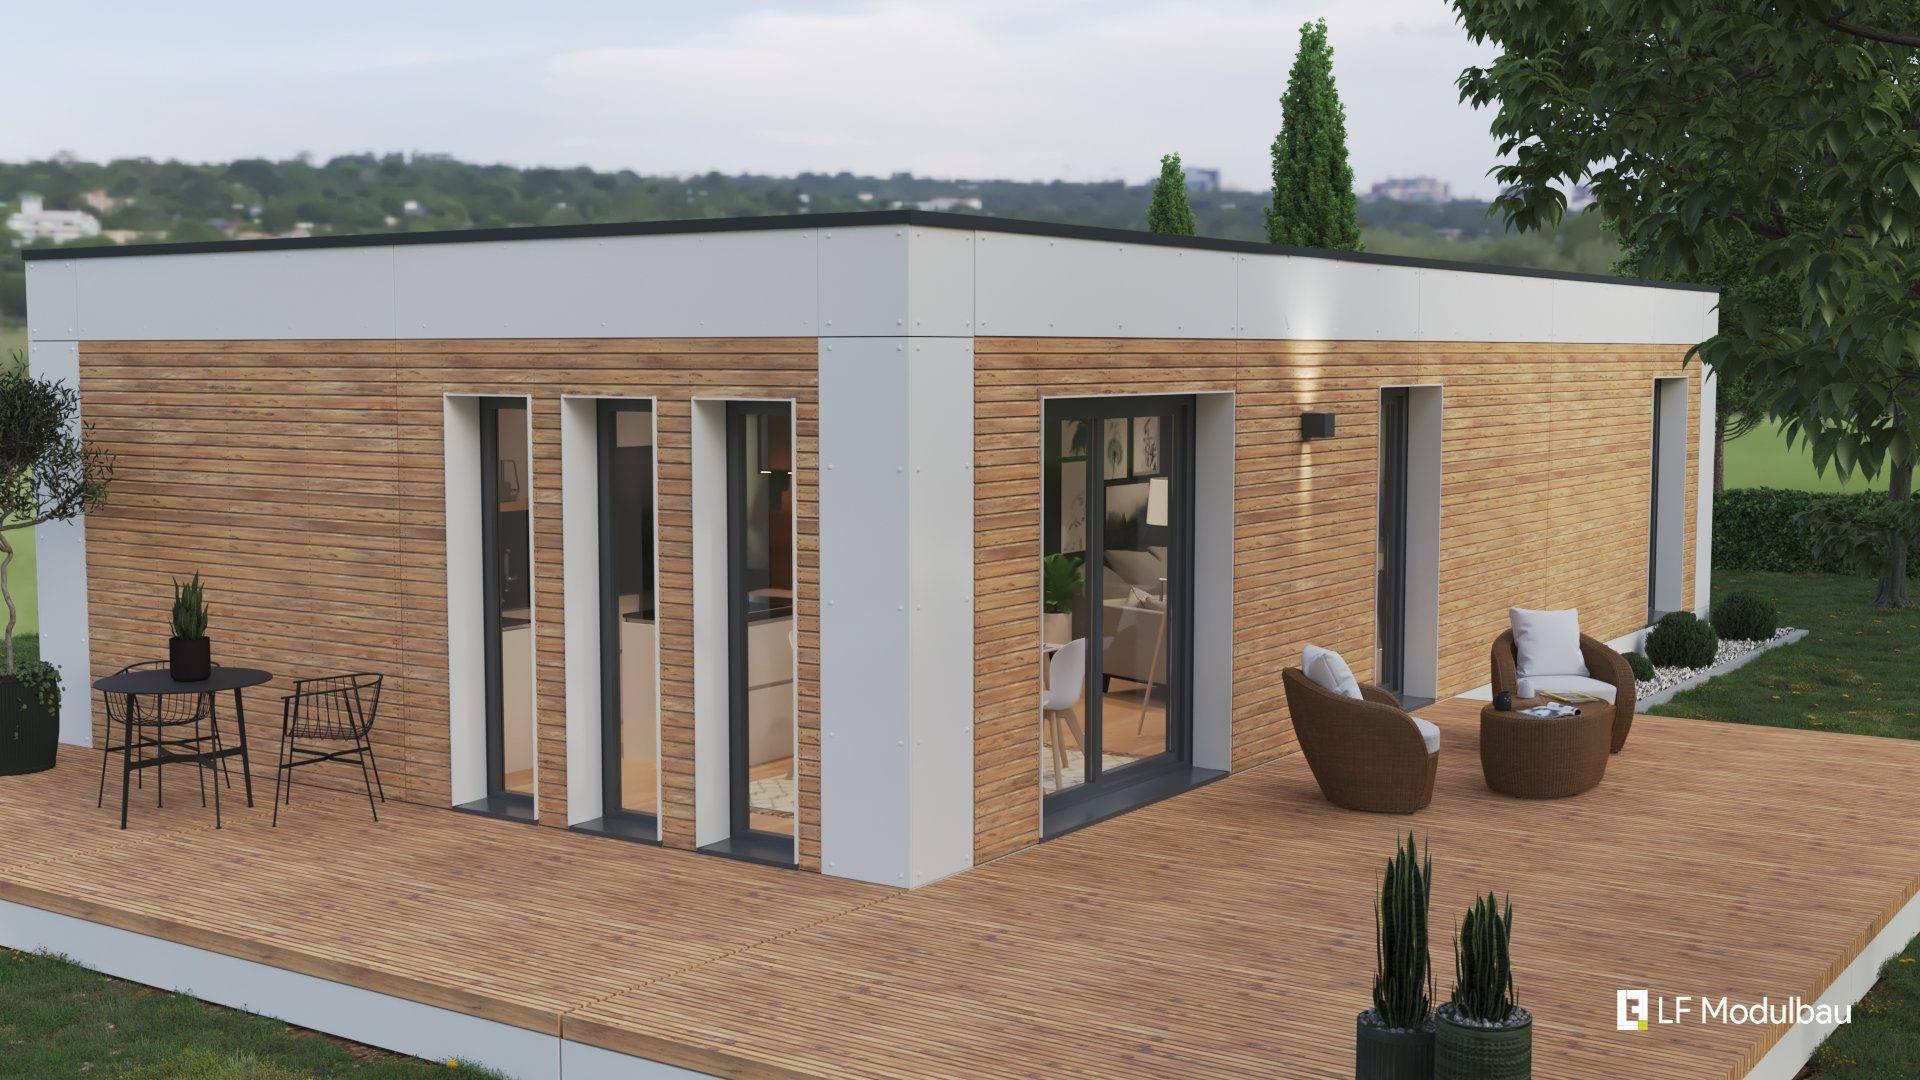 Die Ausstattungsvariante White unseres Fertighauses in modulbauweise - LF Home I